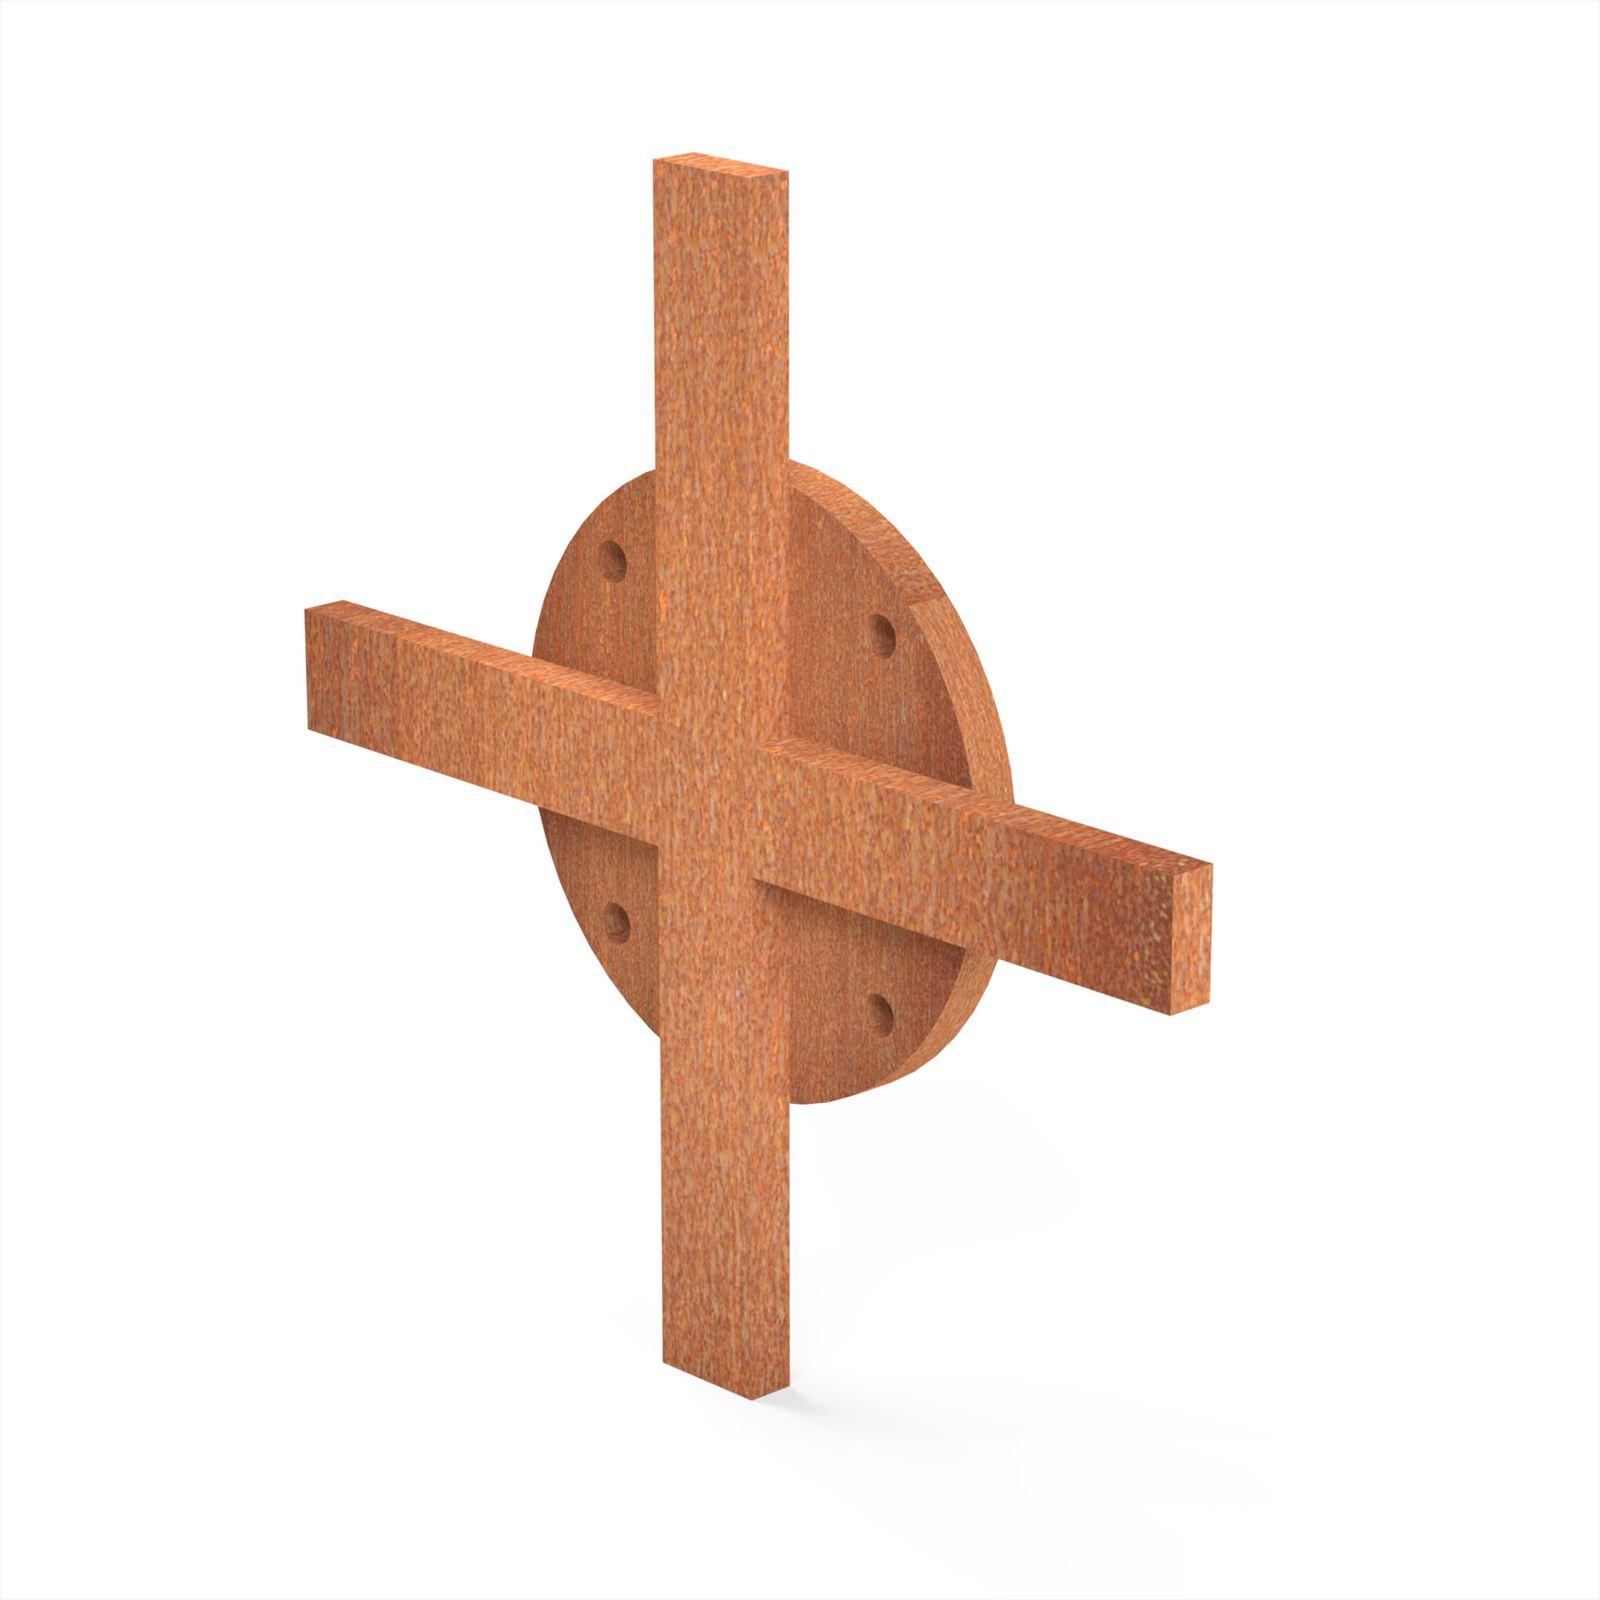 Burni verwarming Burni Bunke koppelstuk kruis 14x14 cm corten